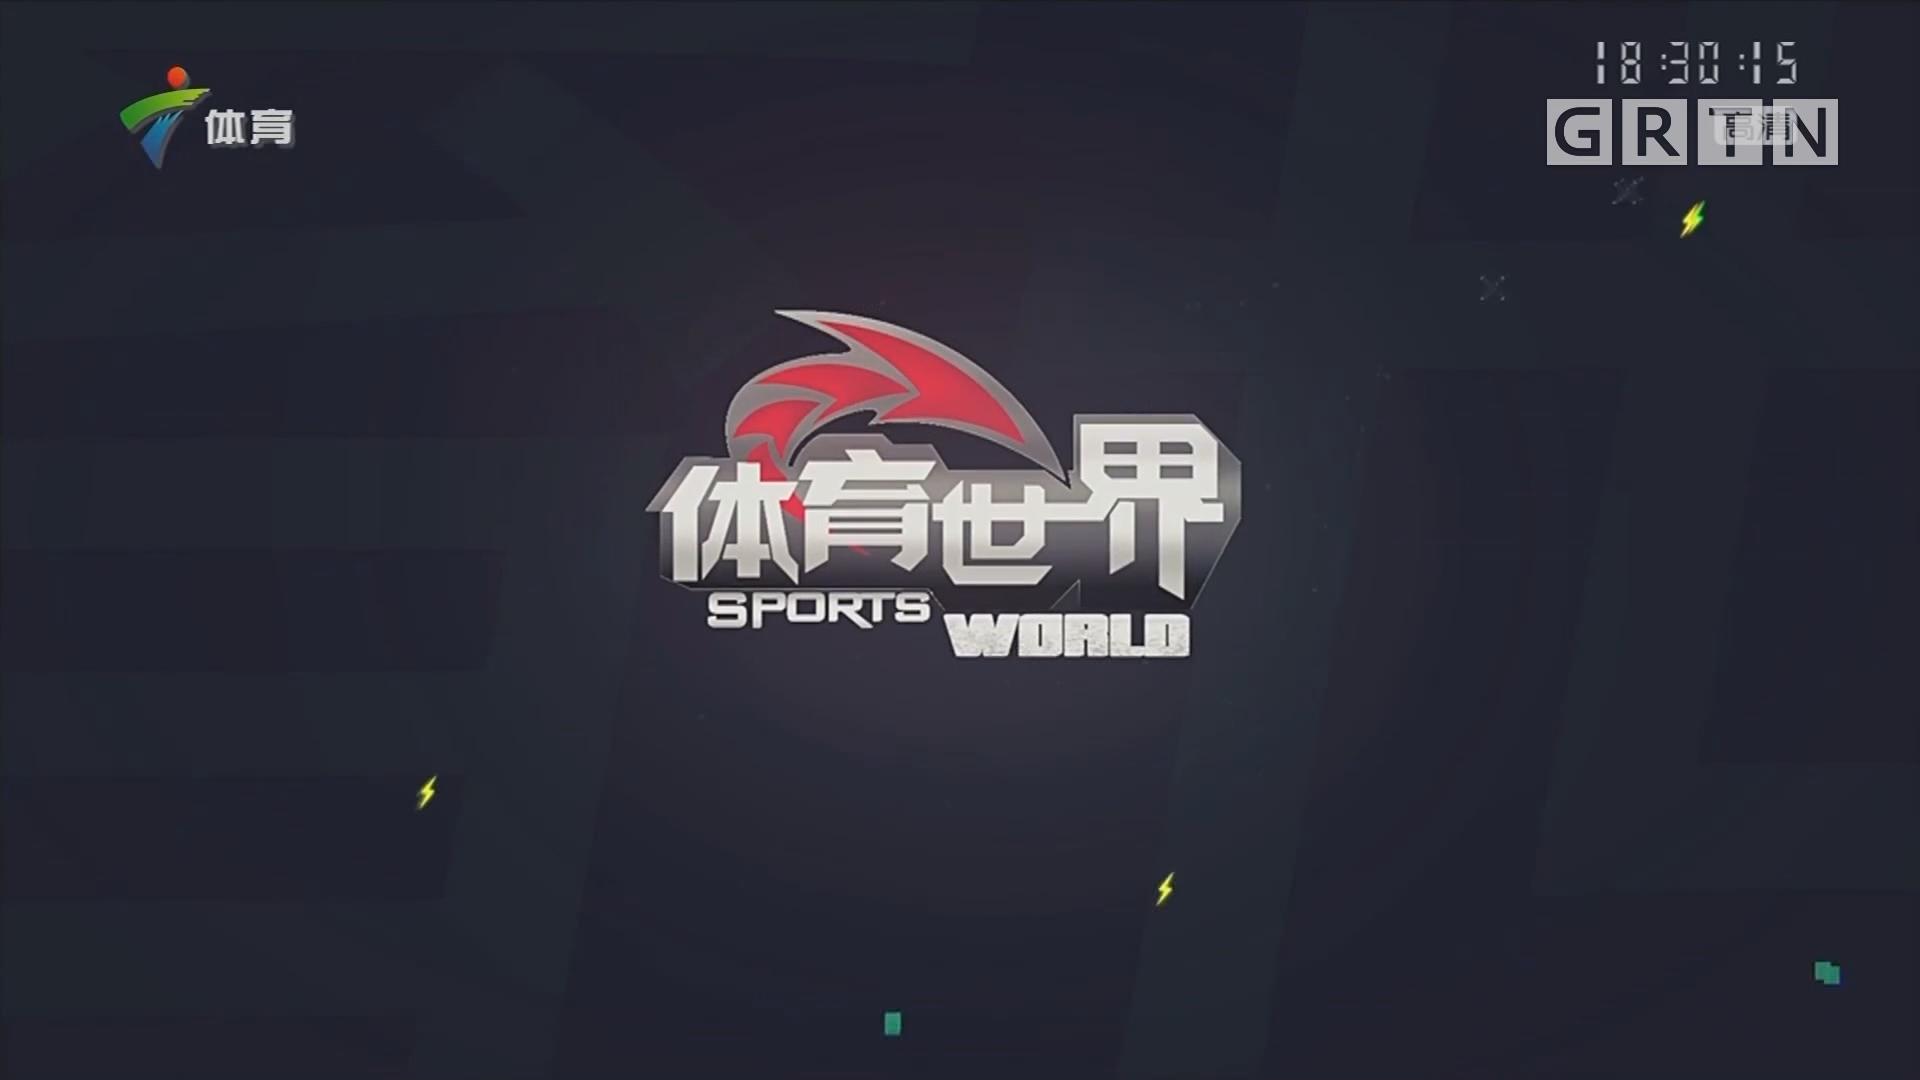 """[HD][2019-01-14]体育世界:欢乐相聚 """"奶奶杯""""十周年"""